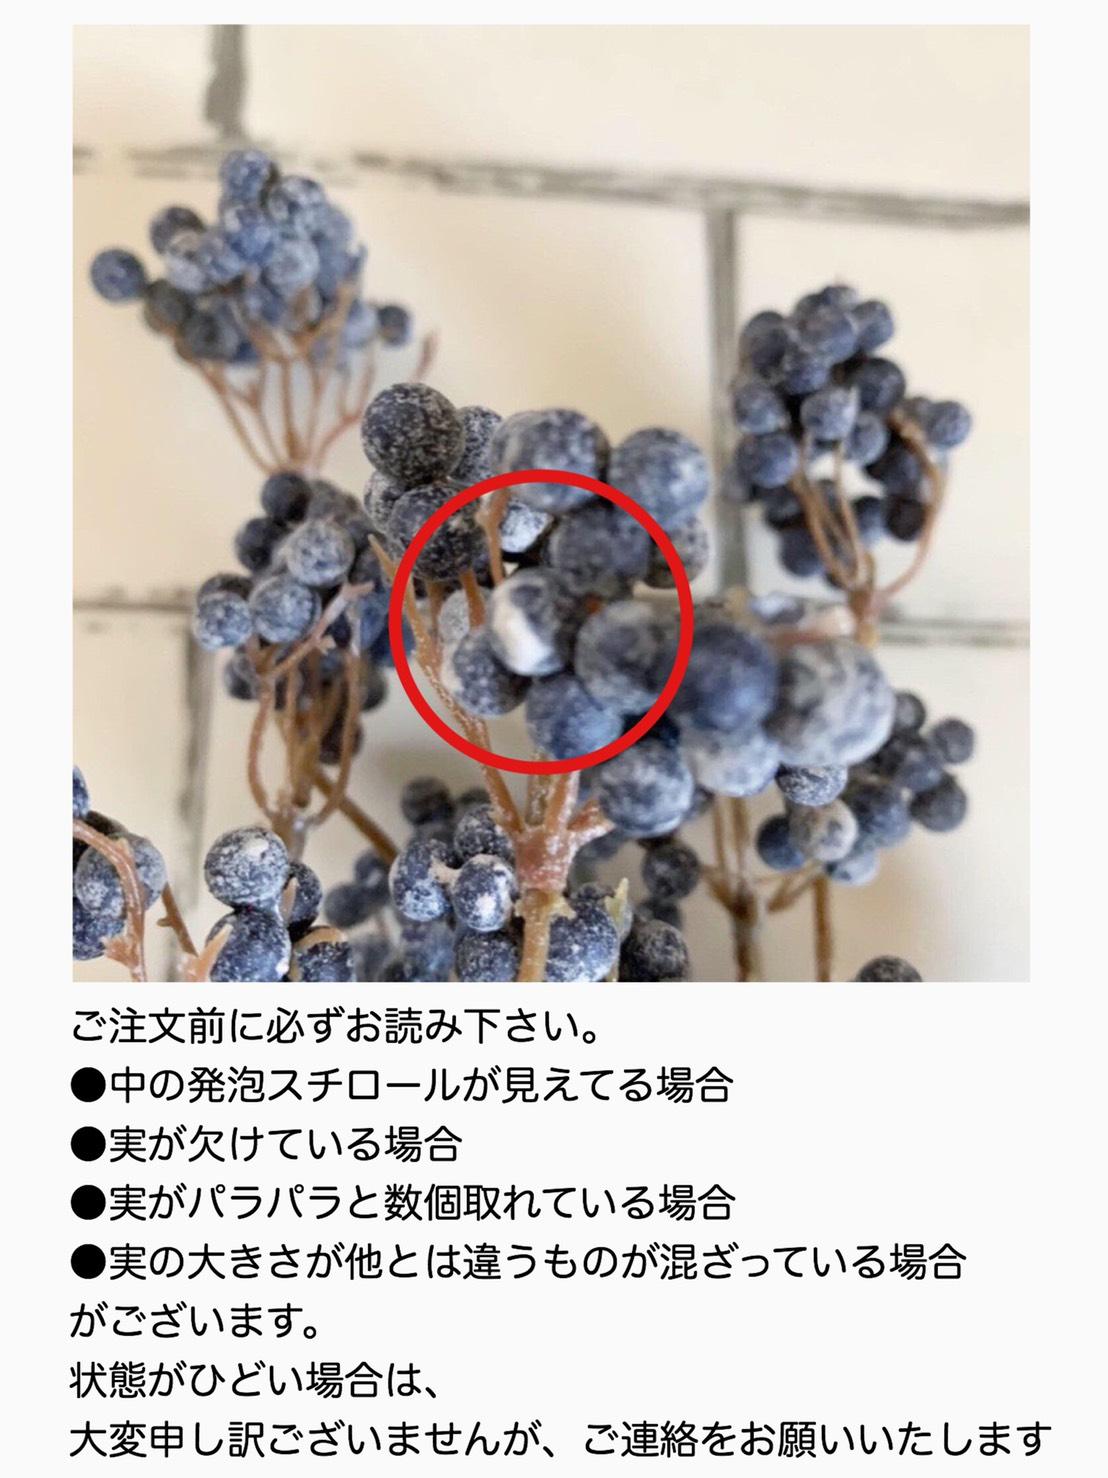 くろい実の枝